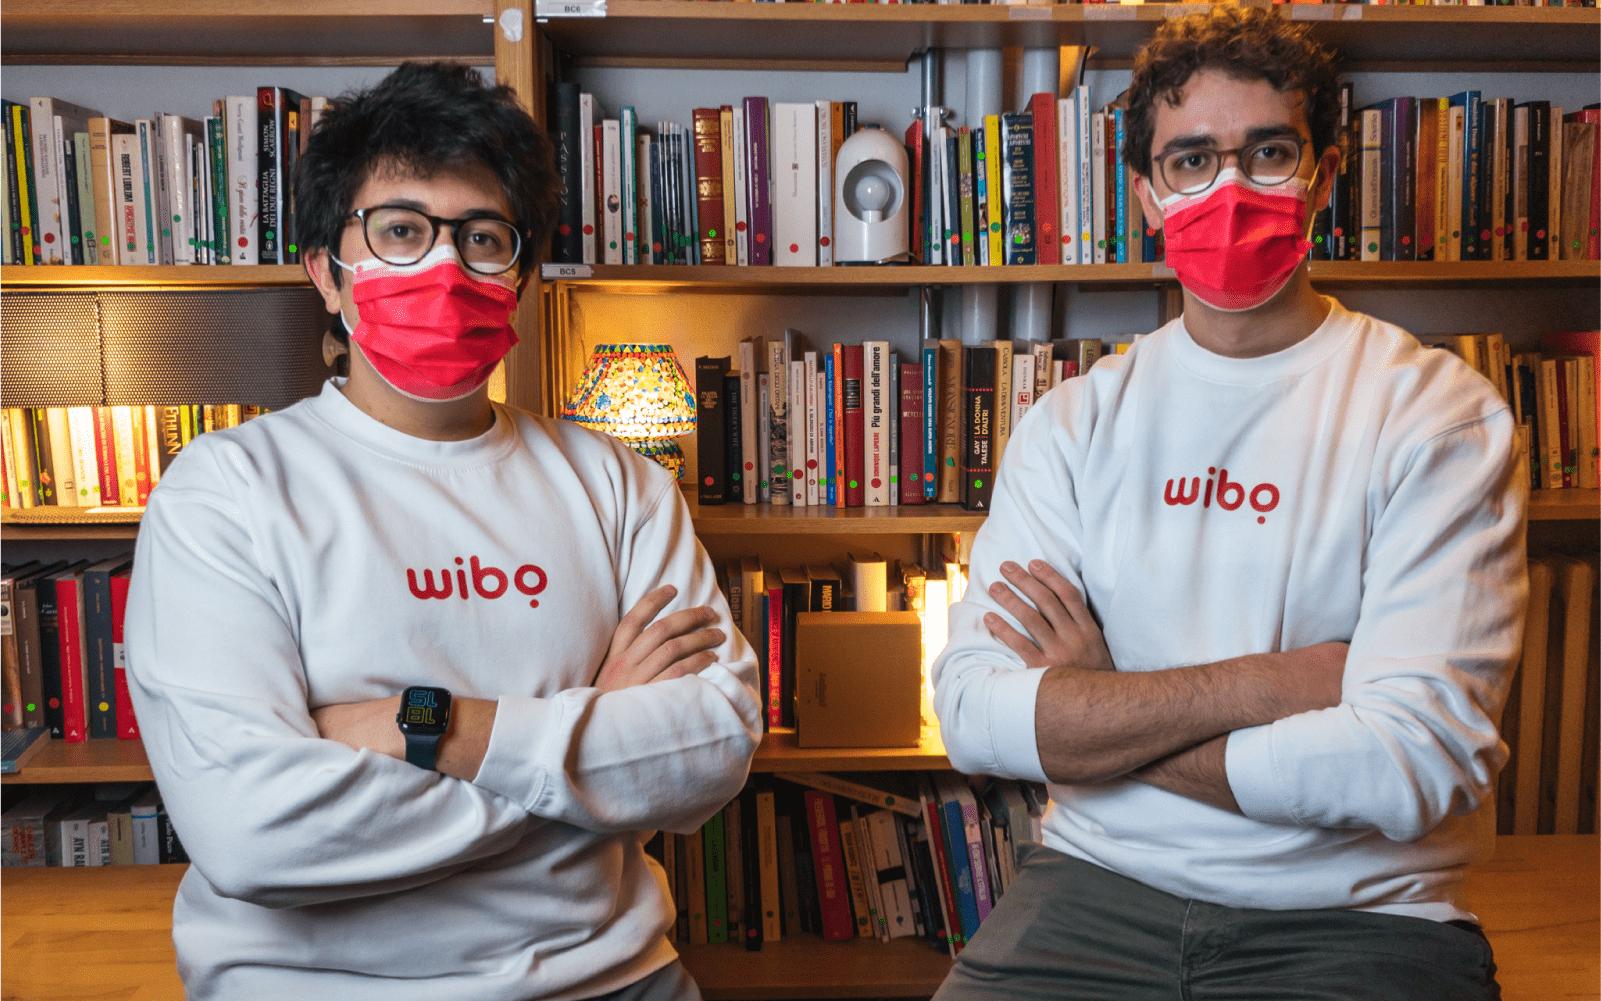 dipendenti in azienda si divertono grazie all'hr gamification di Wibo